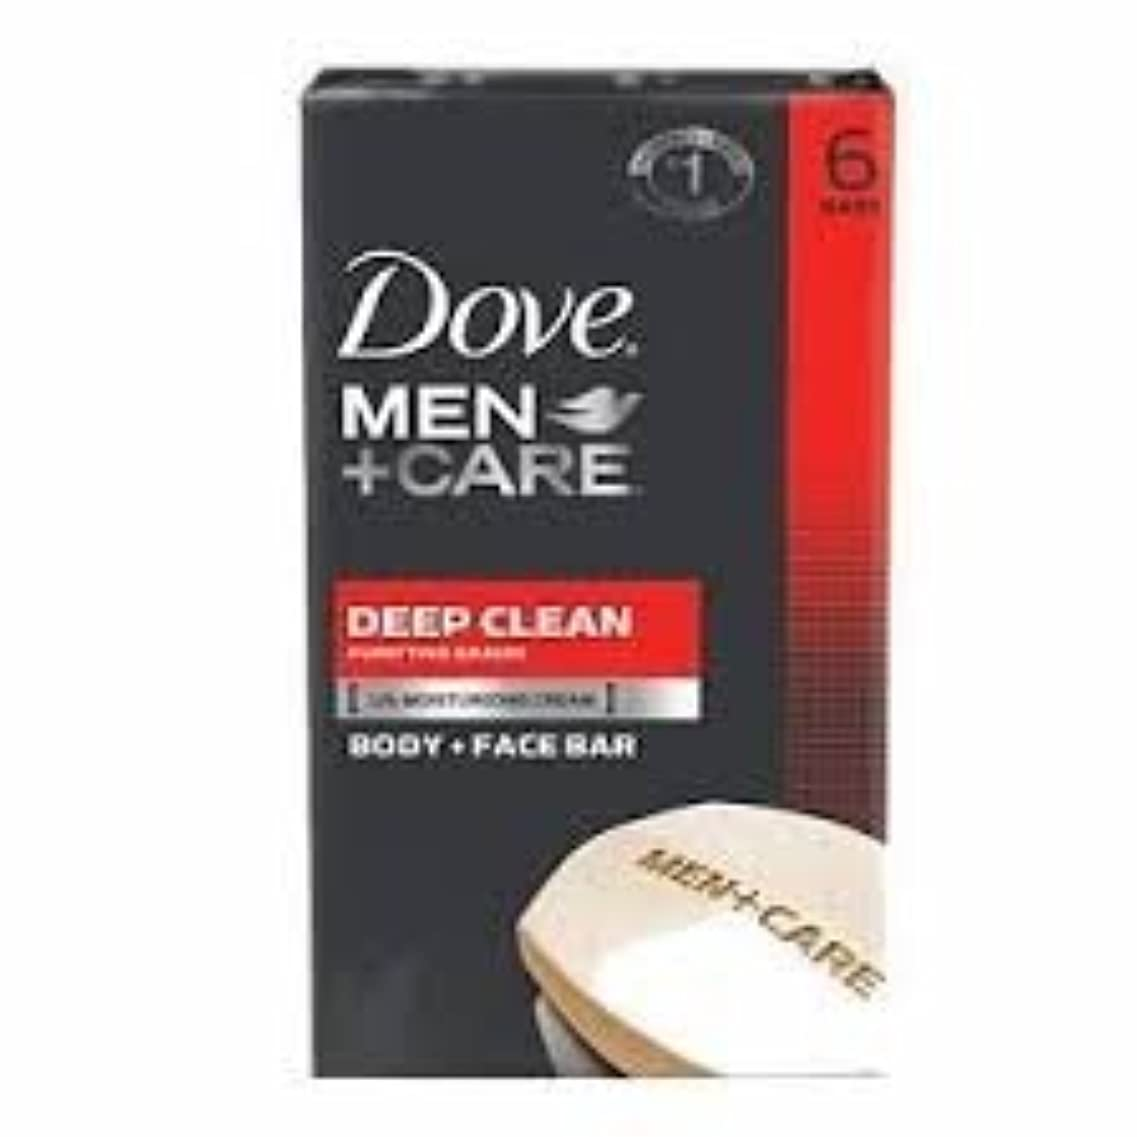 みぞれ未払いトーンDove Men + Care Body and Face Bar, Deep Clean 4oz x 6Bars ダブ メン プラスケア ディープ クリーン ソープ 4oz x 6個